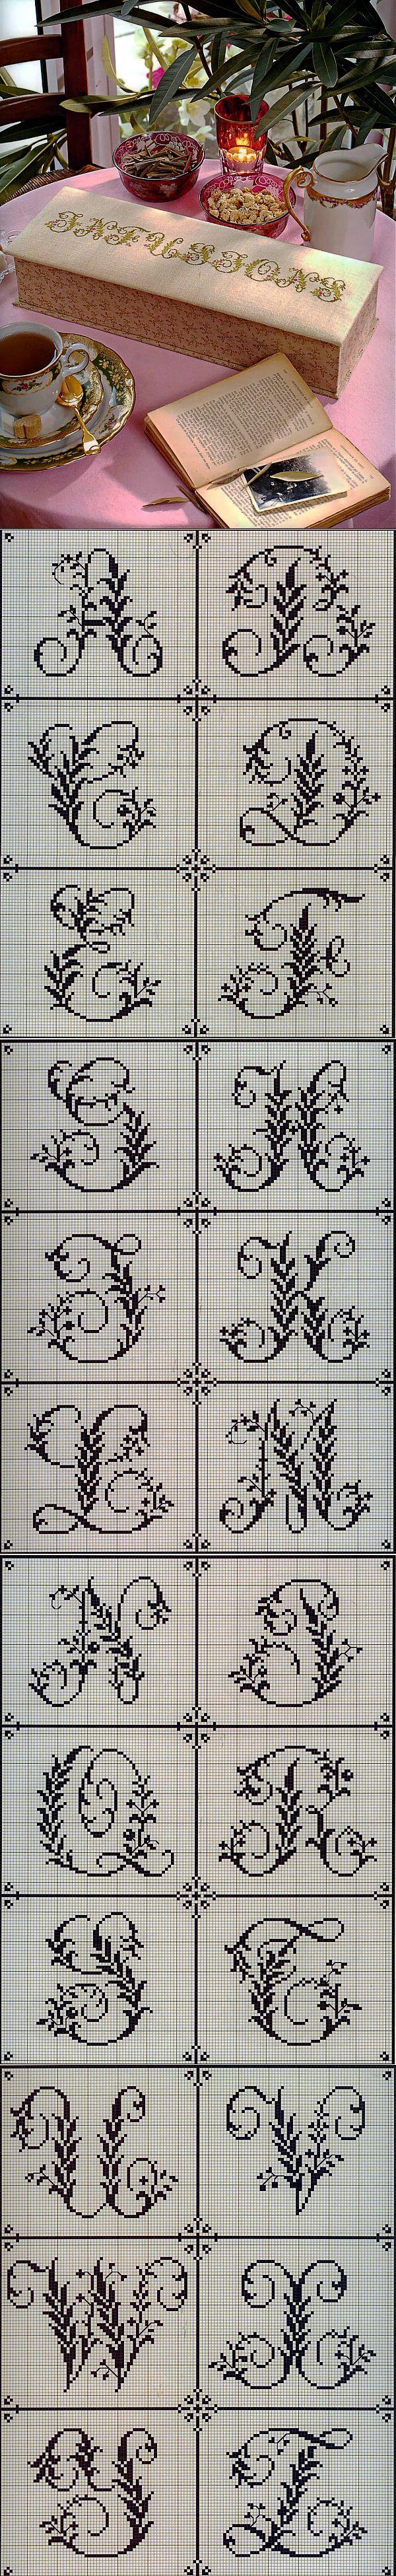 Amable al corazón de la cosa: la costura, la decoración y mucho otro: el Bordado por la cruz: el Alfabeto del álbum francés del siglo XIX (4)